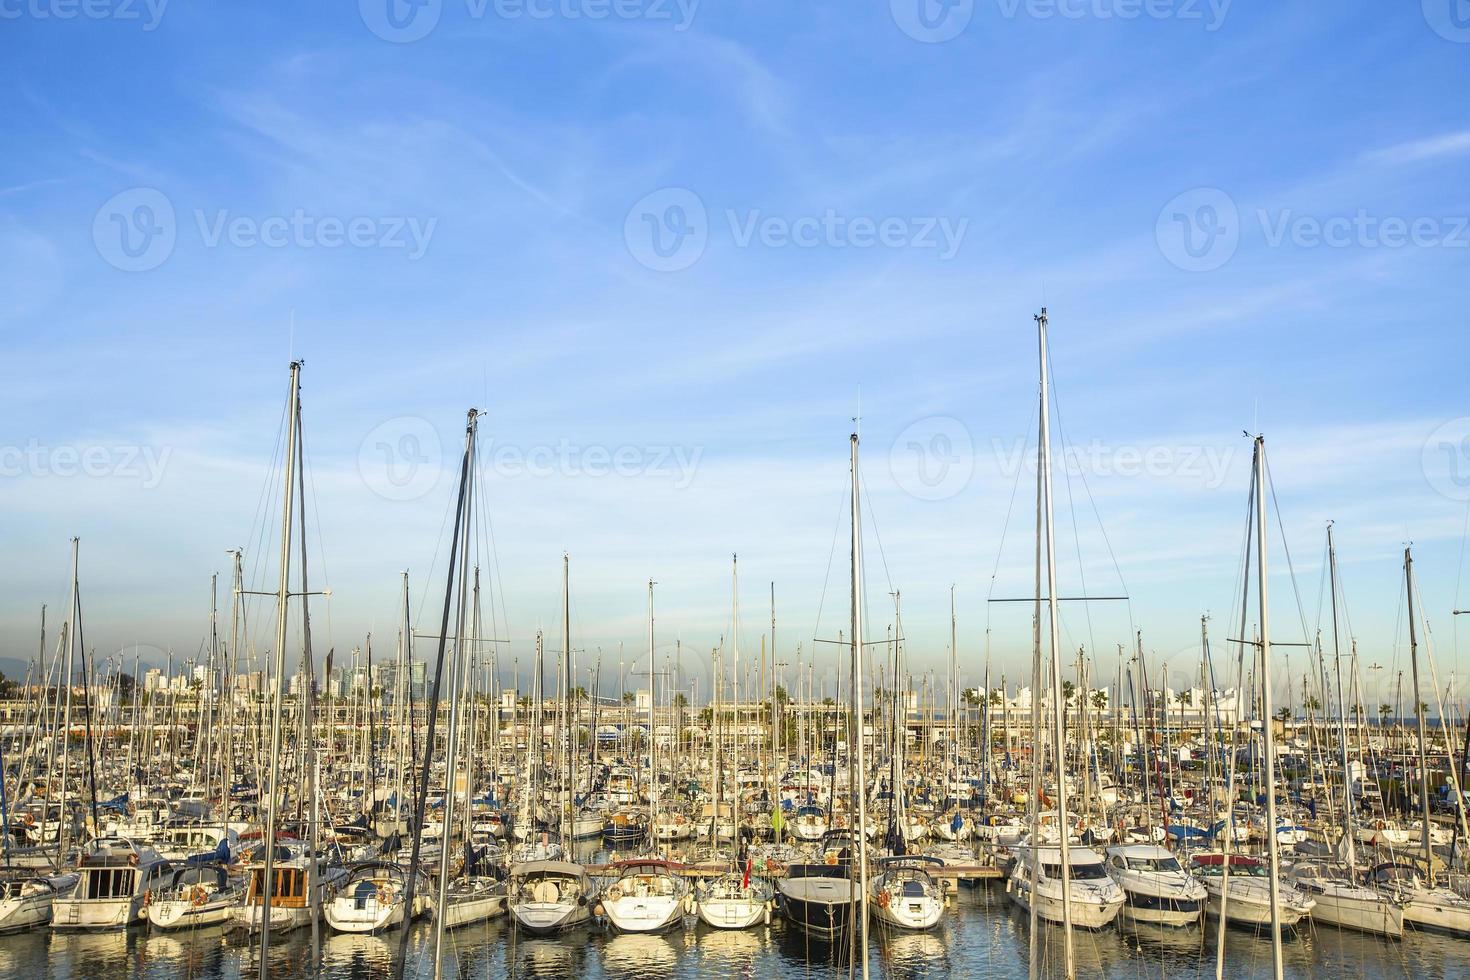 marina de iates. porto de veleiros. férias de verão, estilo de vida luxuoso. foto